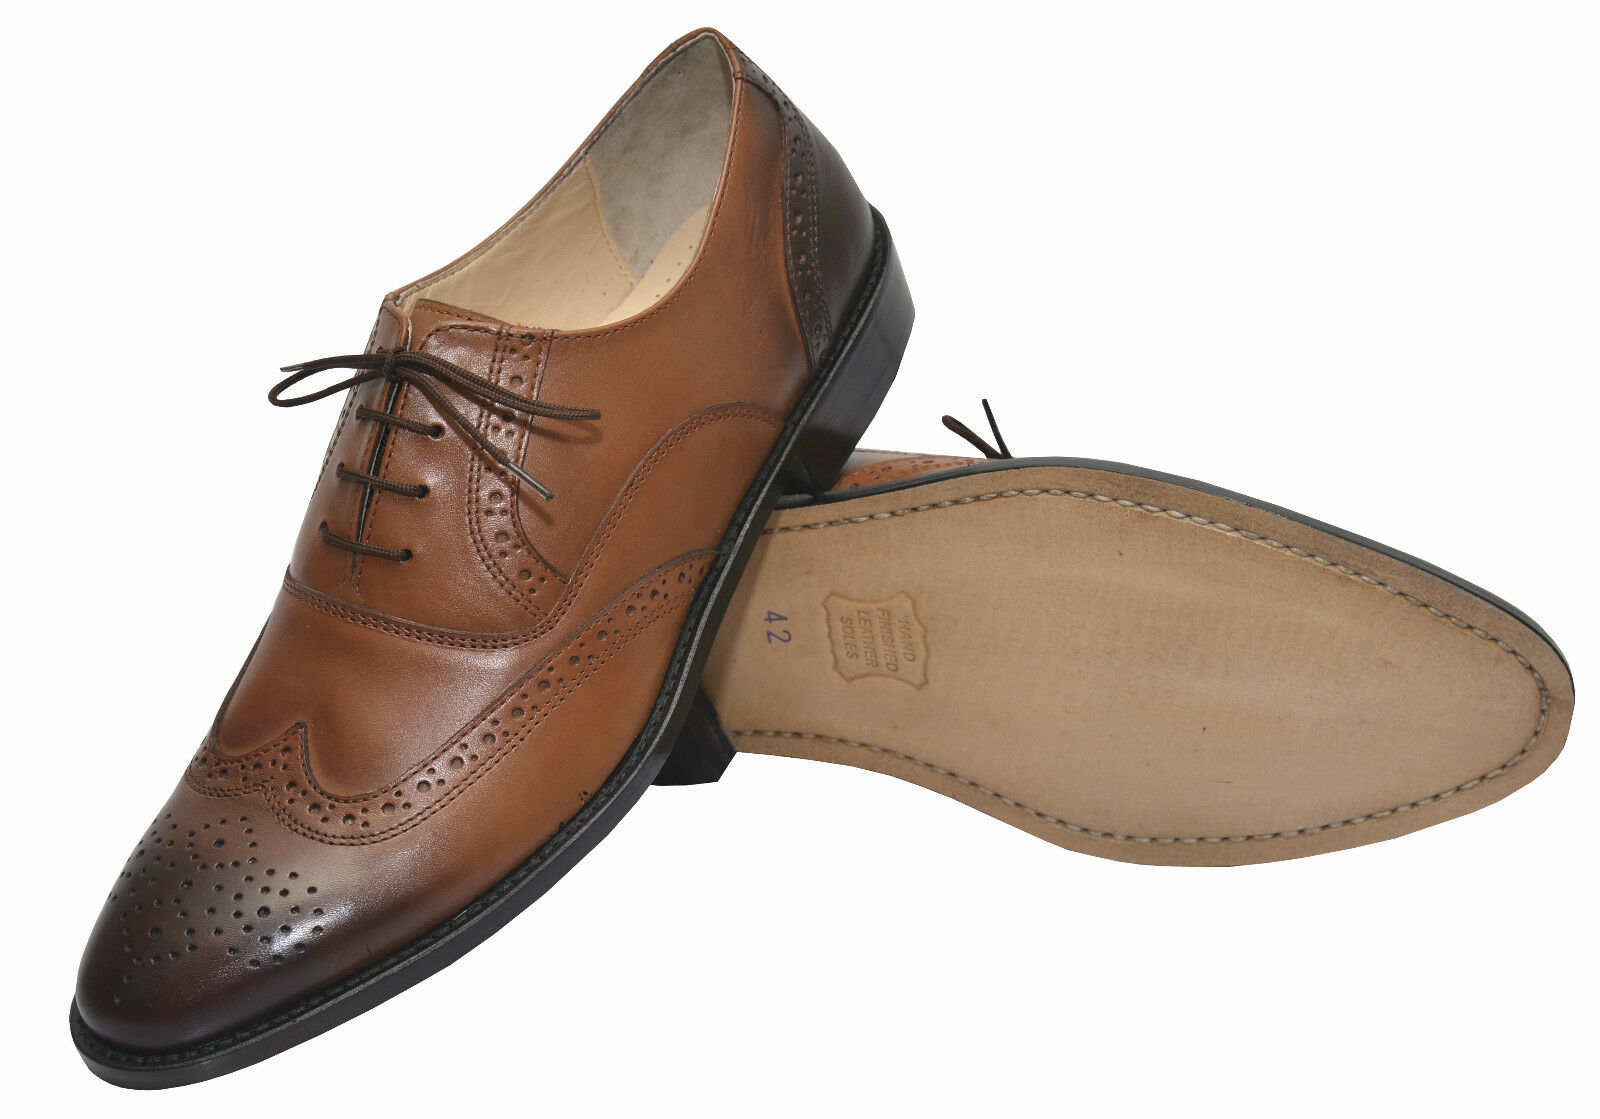 Herren Größe Business Schuhe Halbschuhe Schnürer feines Echtleder Größe Herren 41 bis 45 Neu d18b62